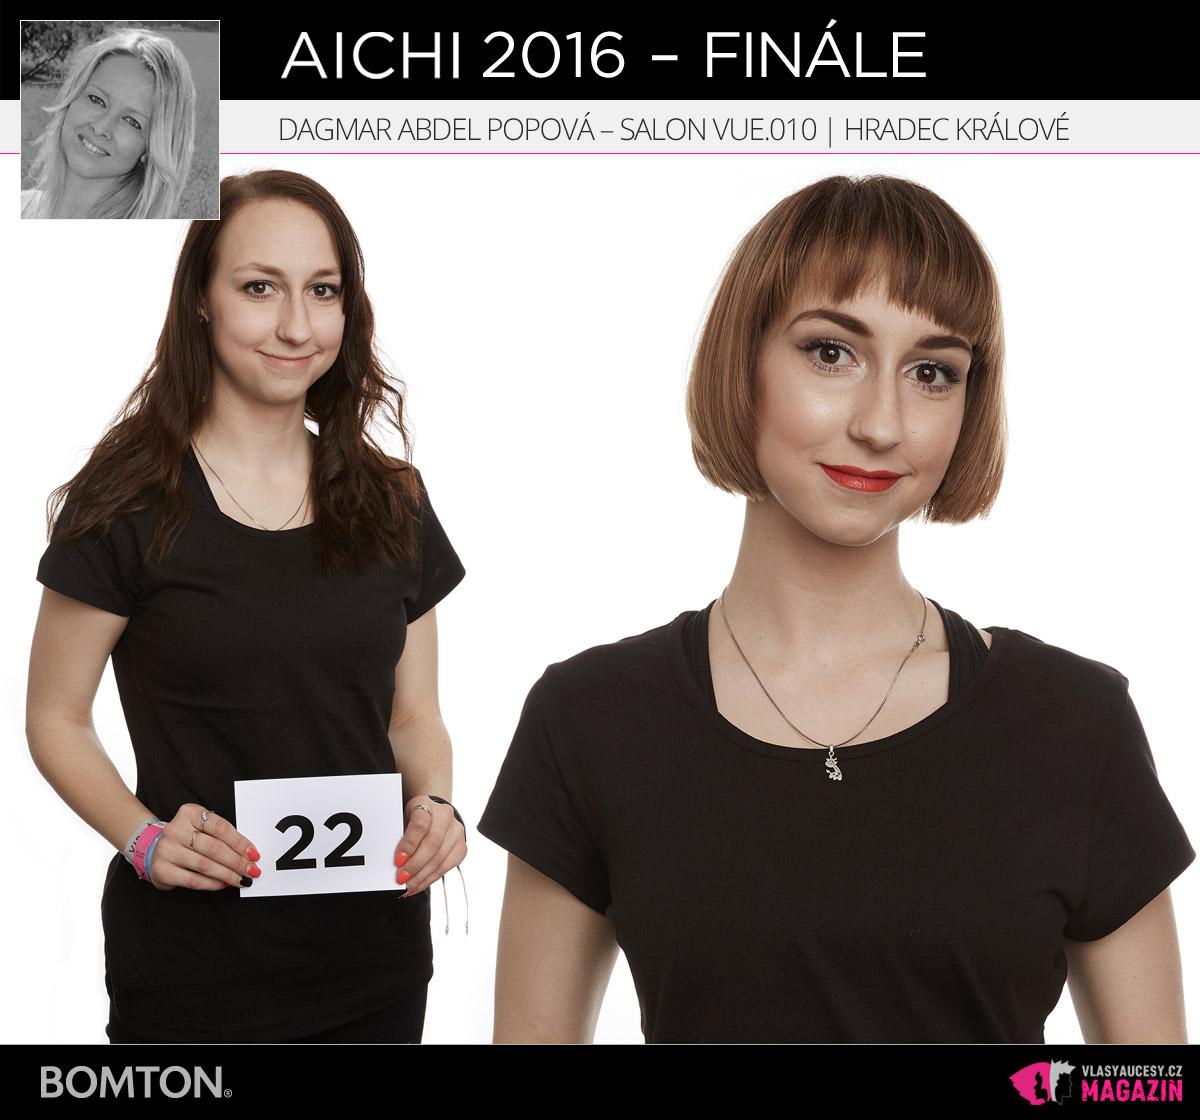 Semifinálová proměna AICHI 2016: Dagmar Abdel Popová, Salon VUE.010, Hradec Králové